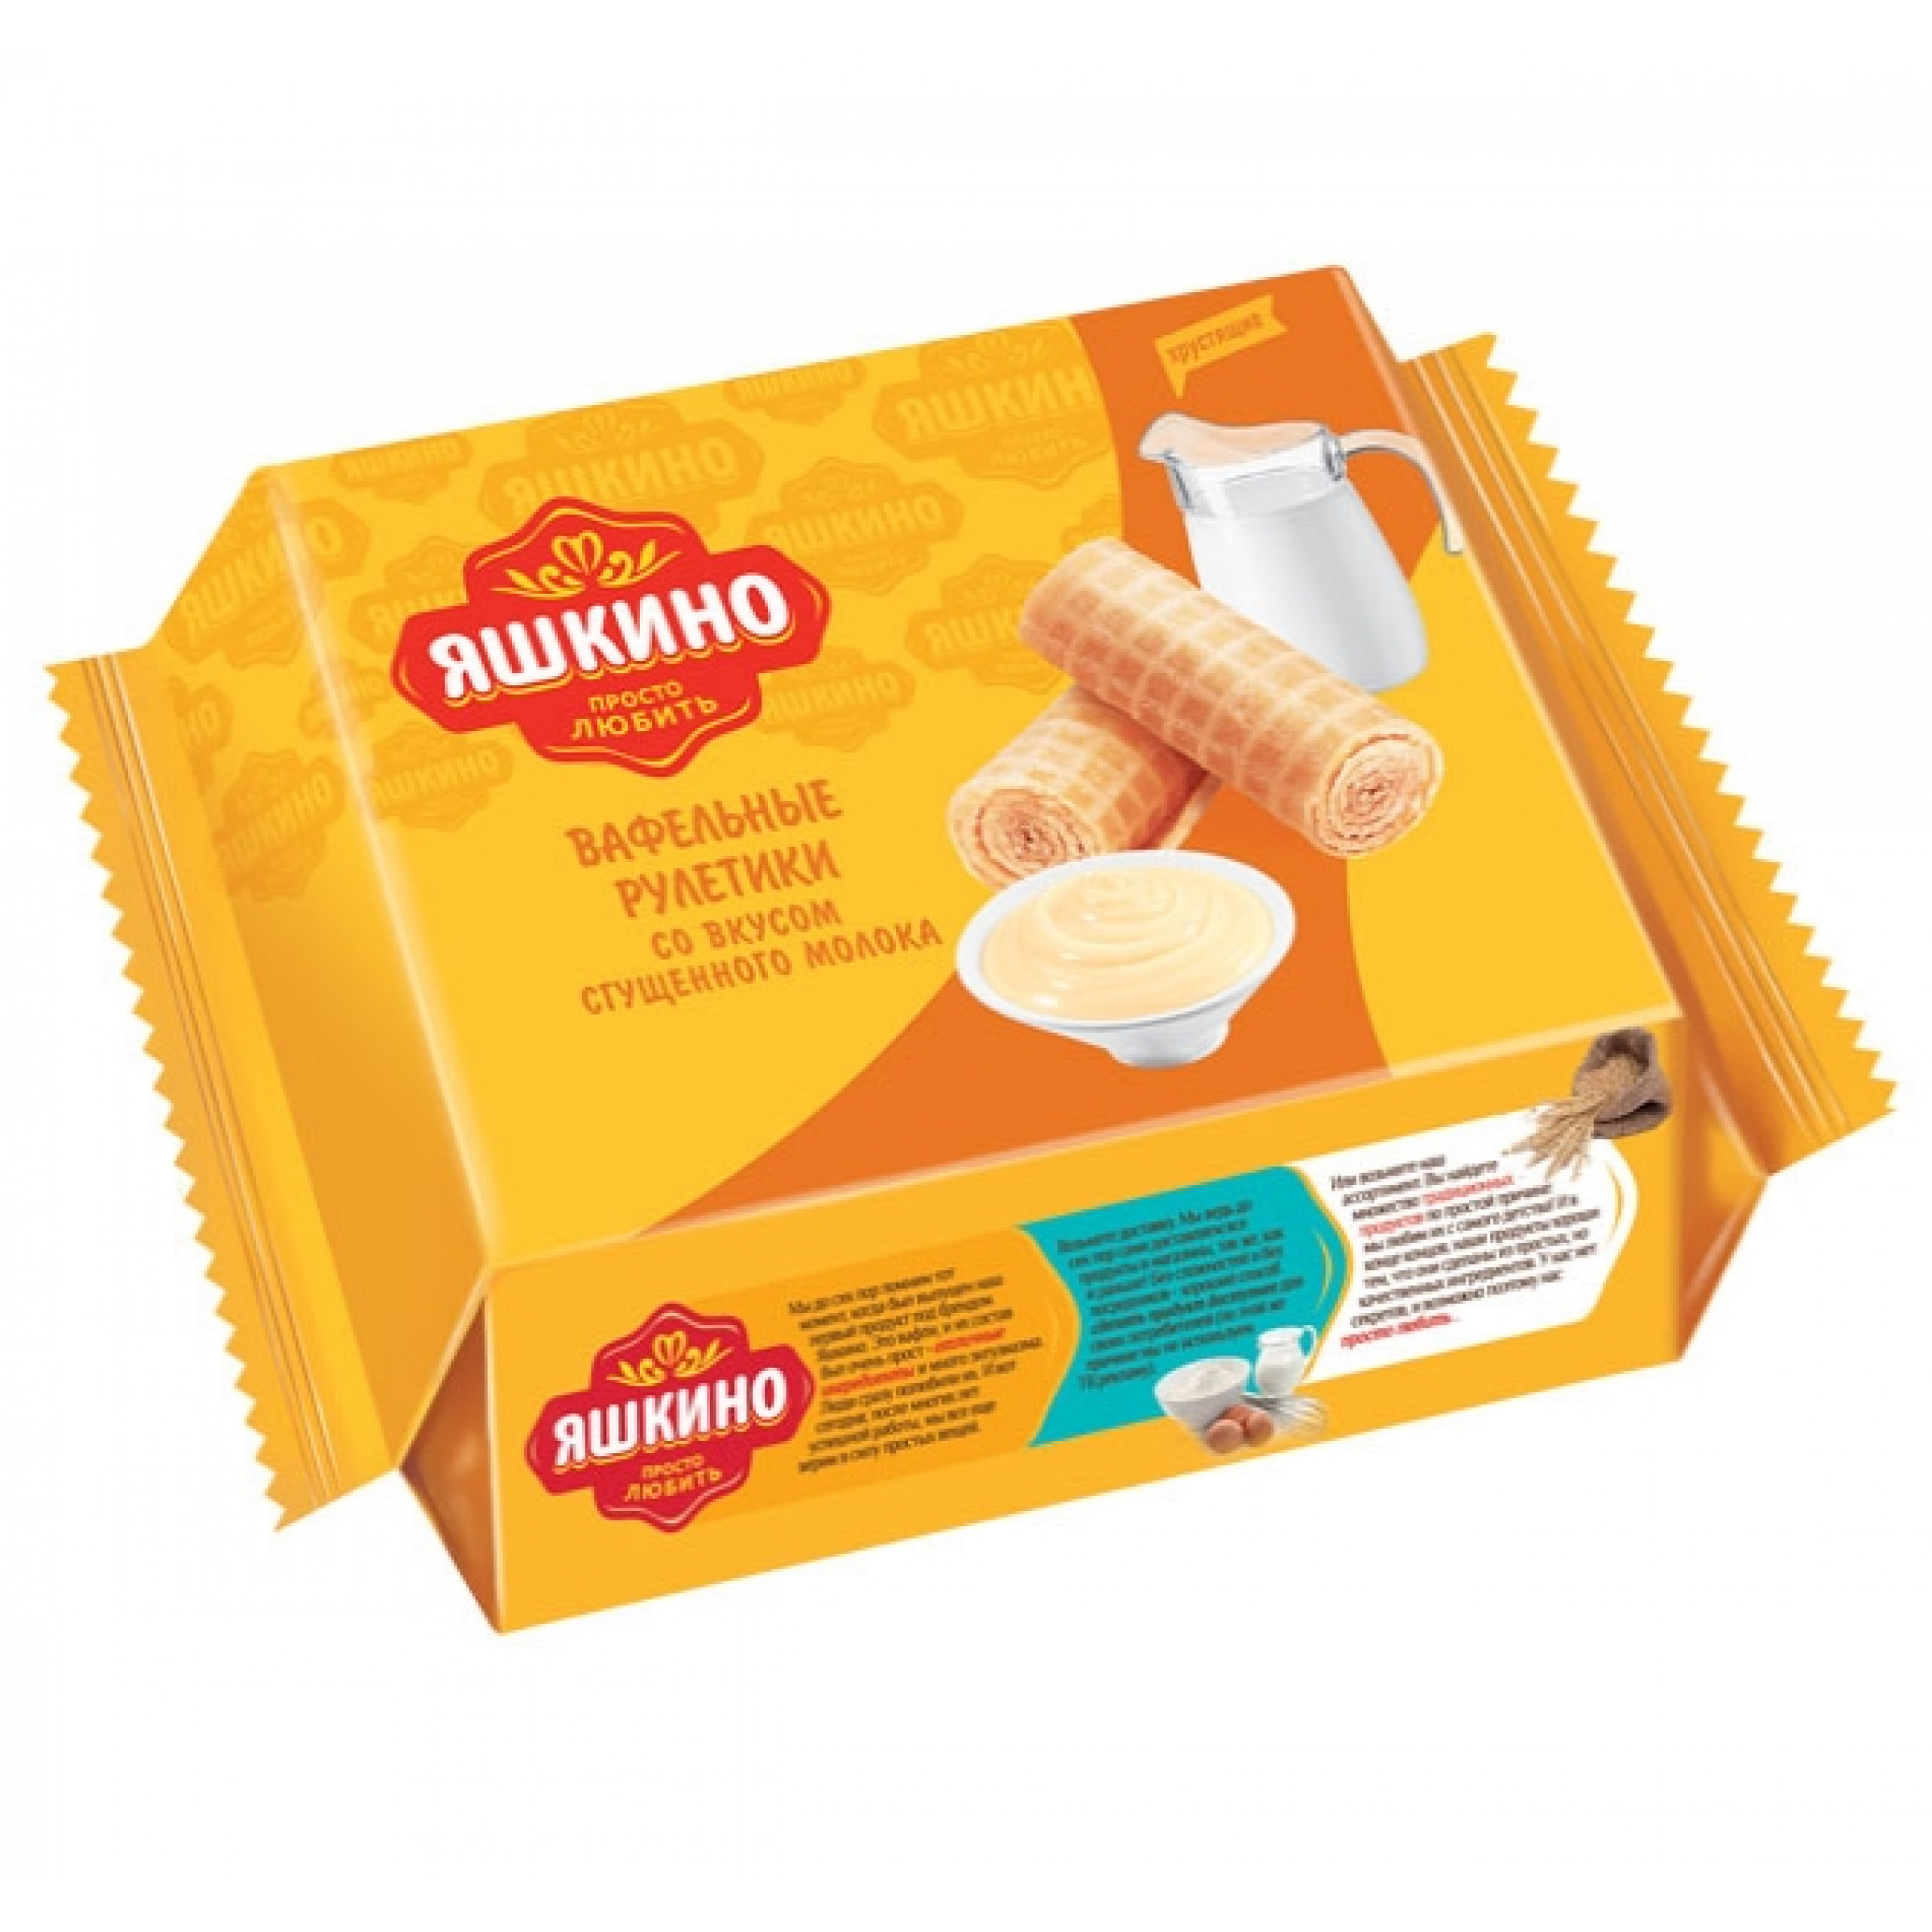 """Вафельные рулетики со вкусом сгущенного молока """"Яшкино"""", 160гр"""